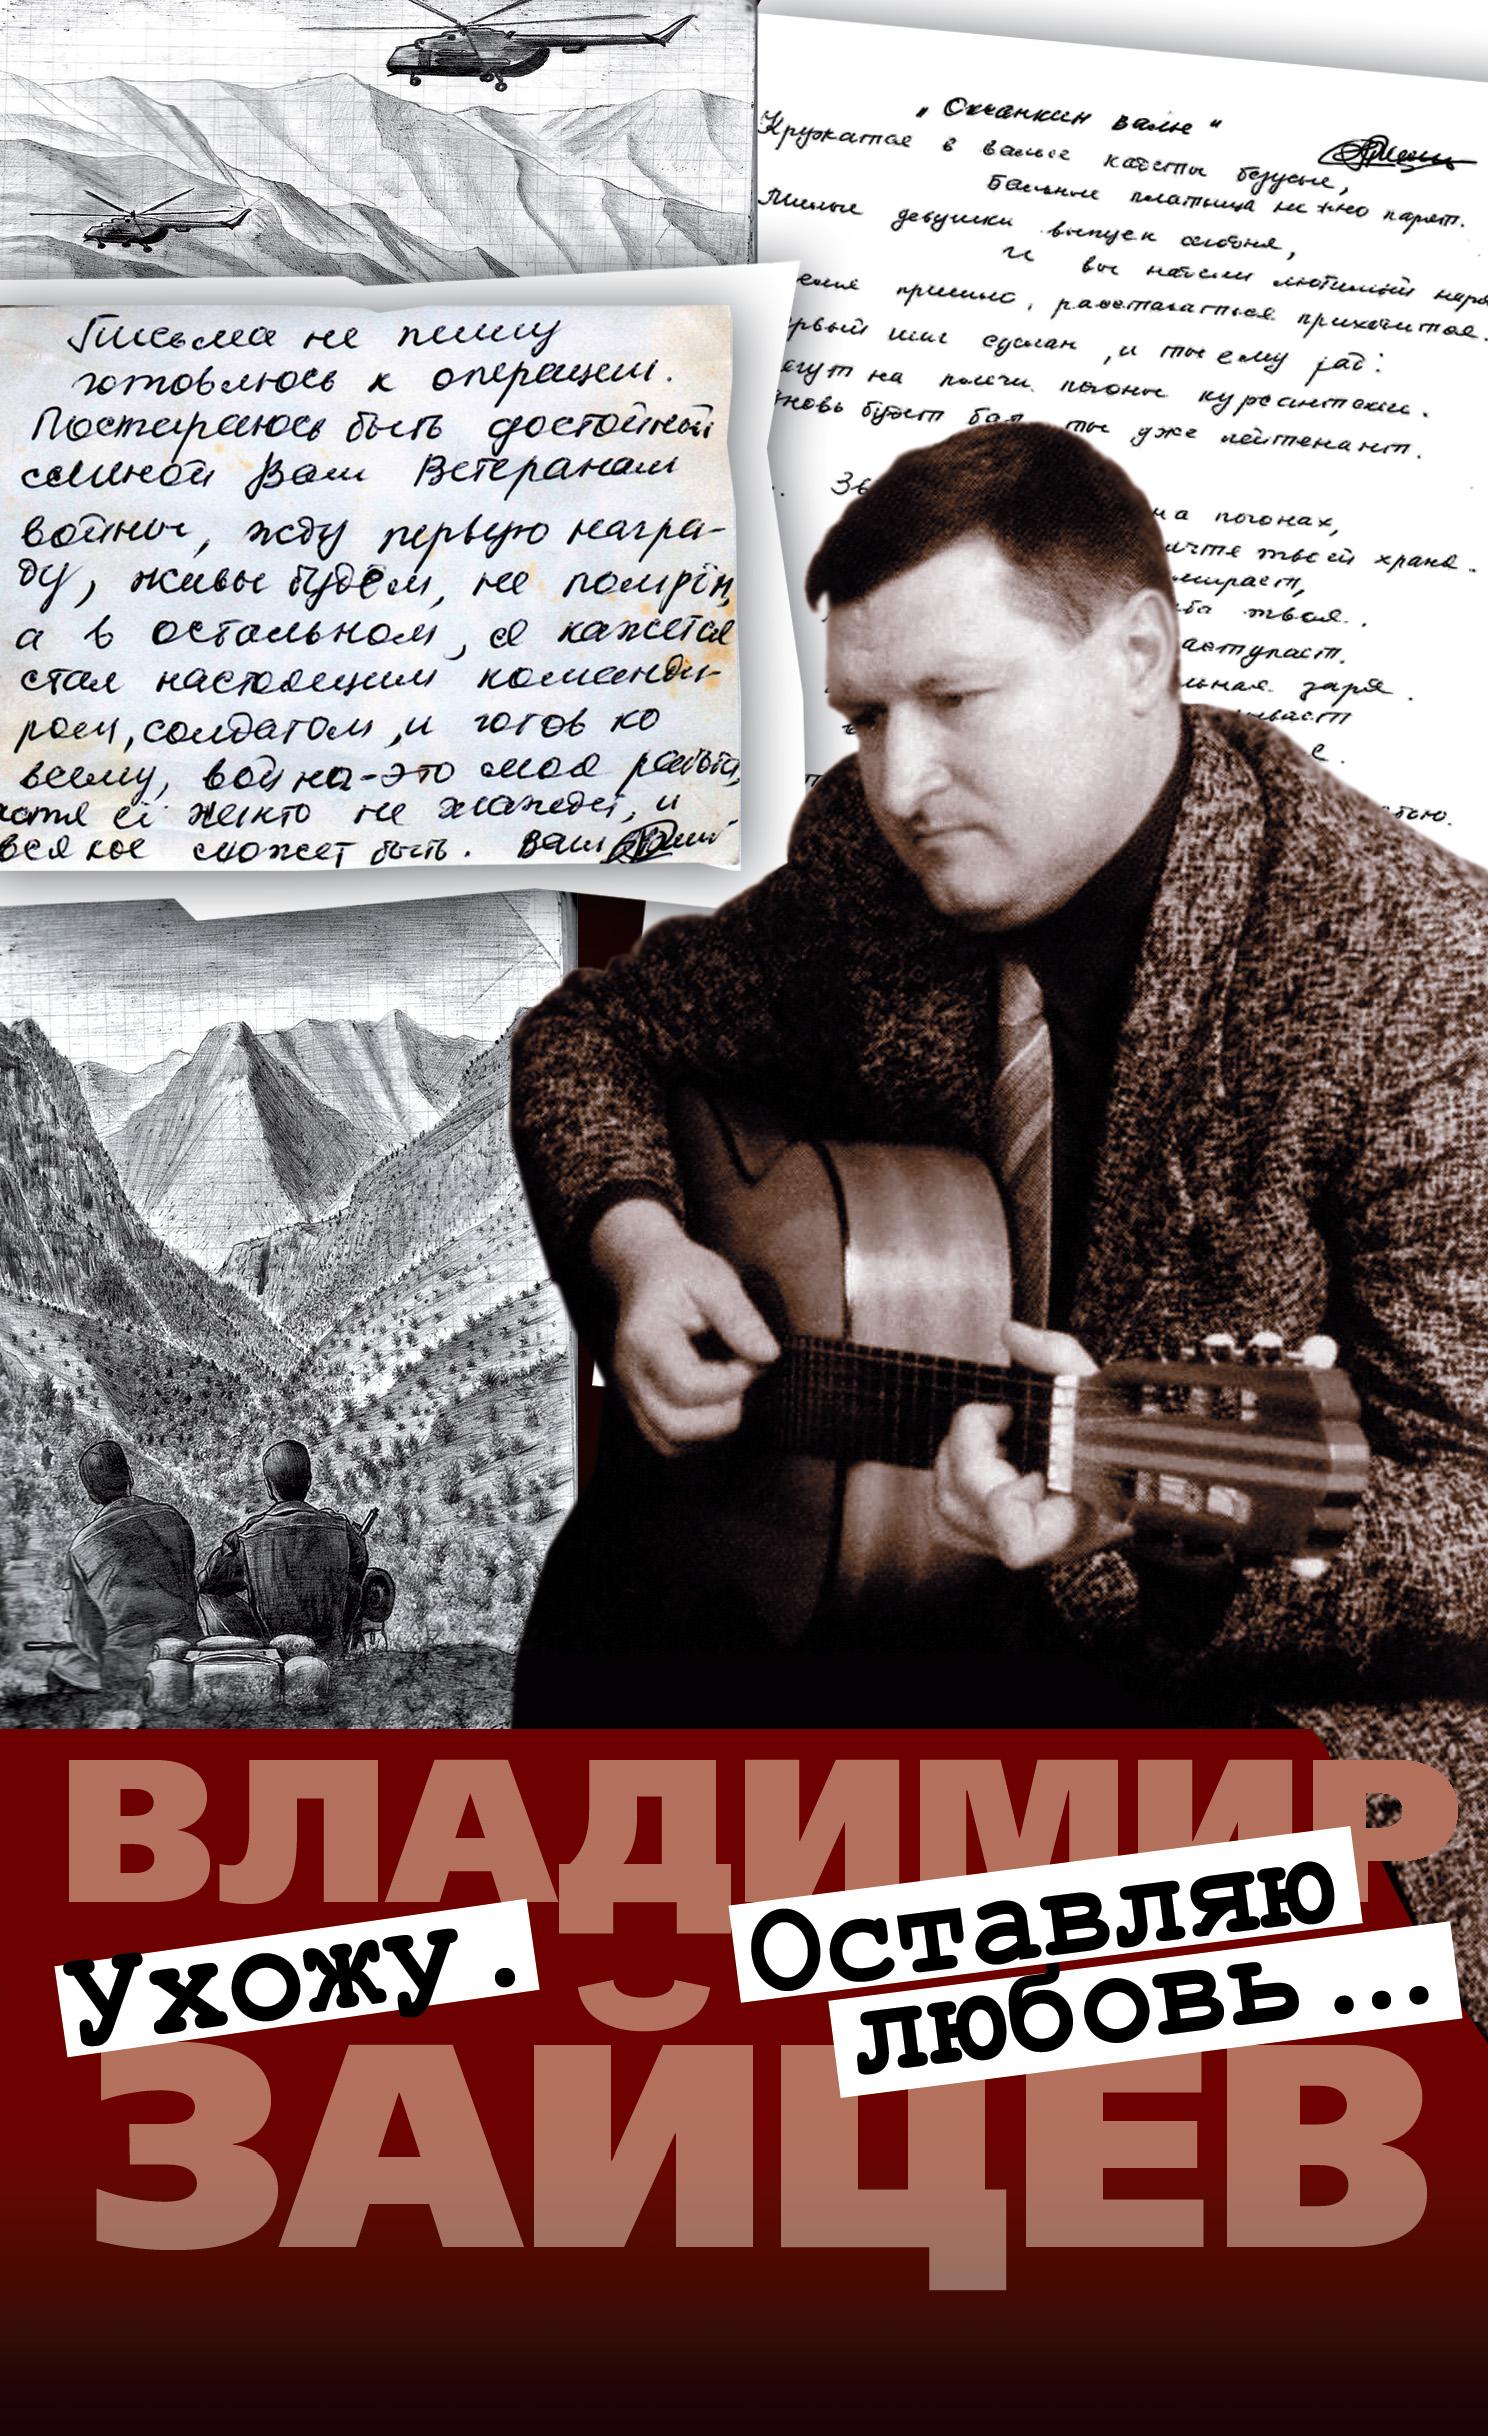 Ухожу. Оставляю любовь… Друзья и близкие о Владимире Зайцеве. Воспоминания. Стихи